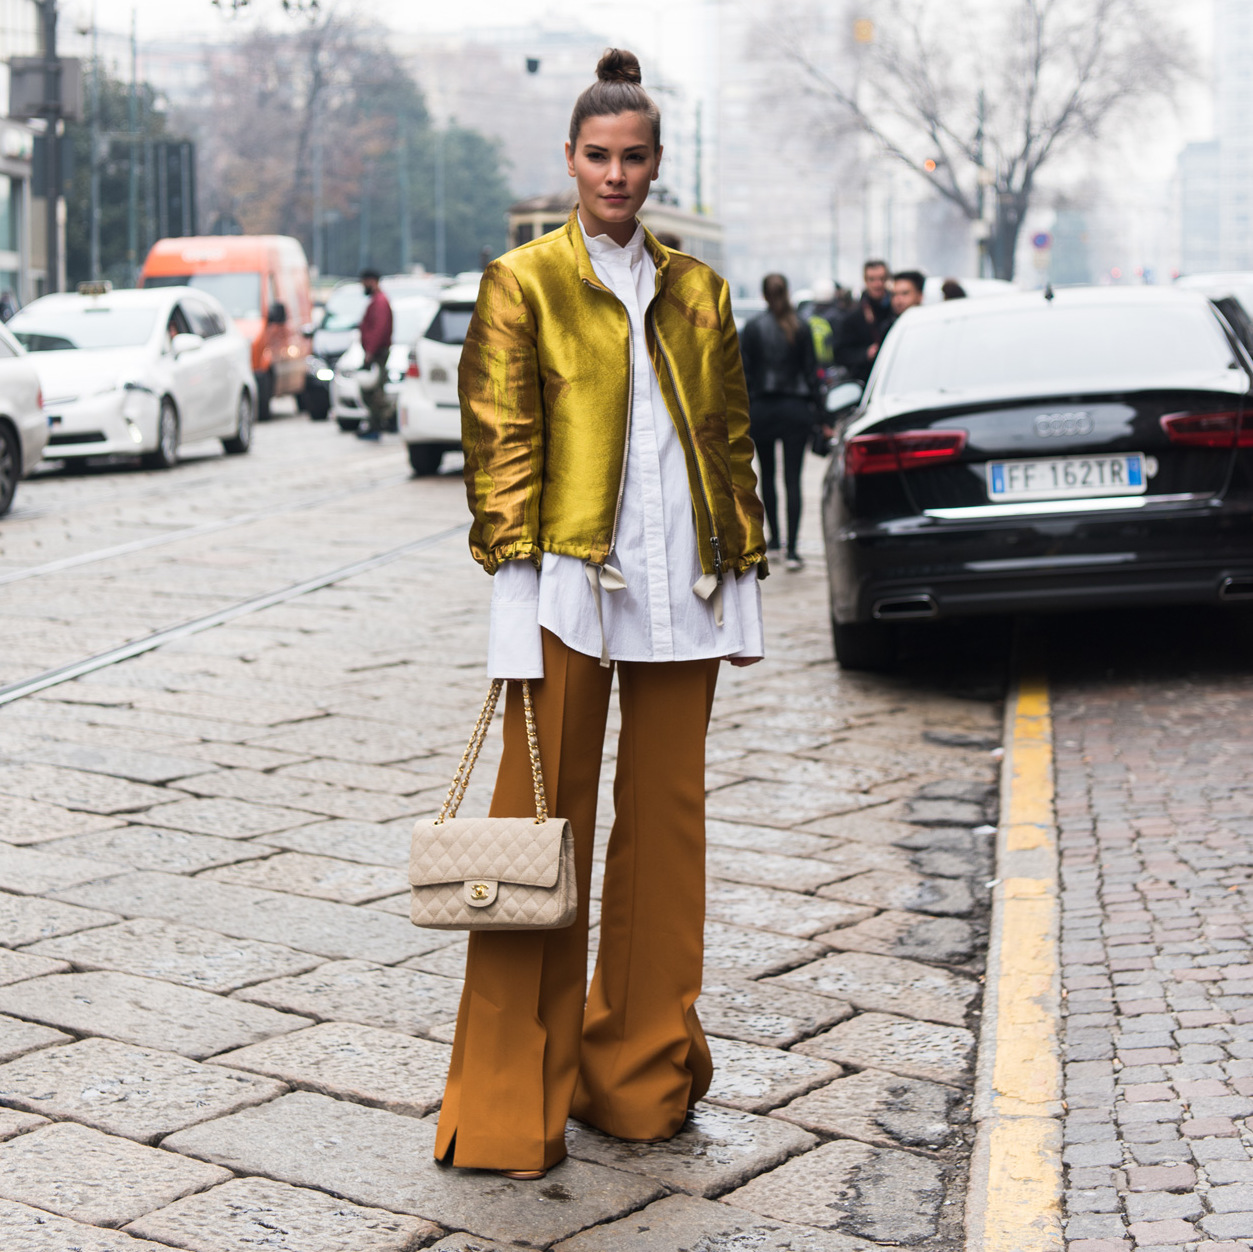 nina-schwichtenberg-german-fashion-and-lifestyle-blogger-influencer-munich